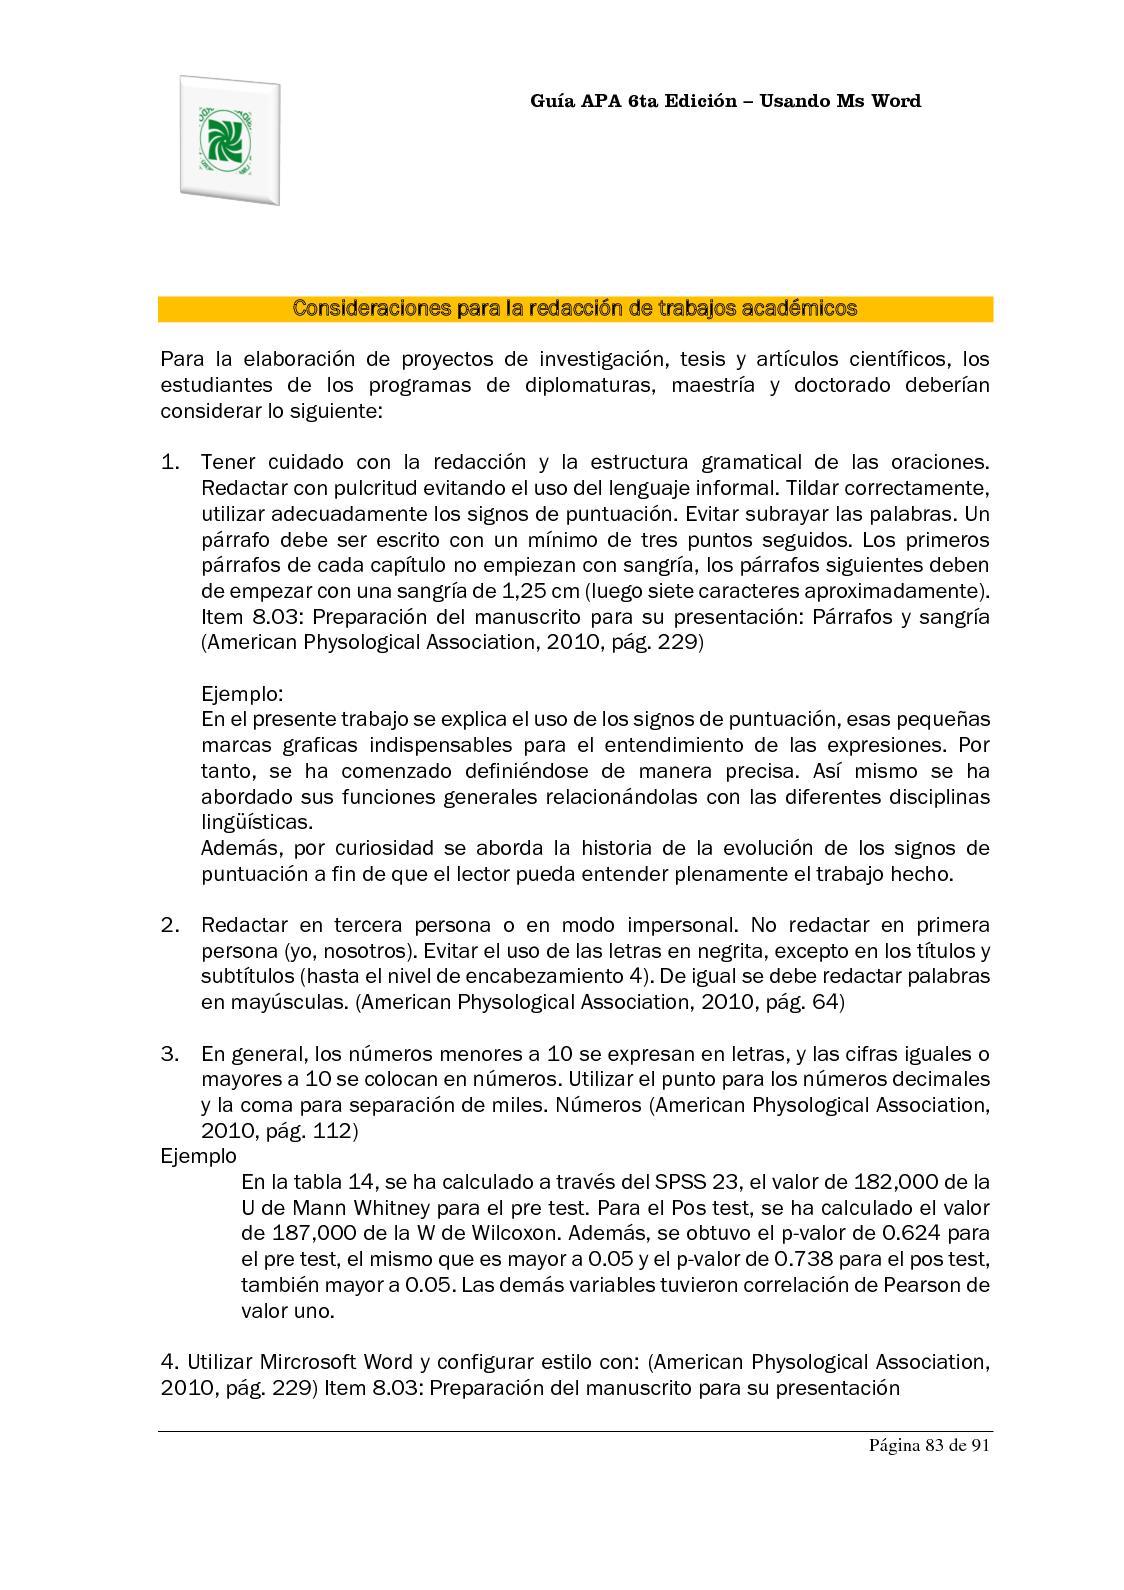 Famoso Plantilla De Informe De Estilo Apa Cresta - Ejemplo De ...